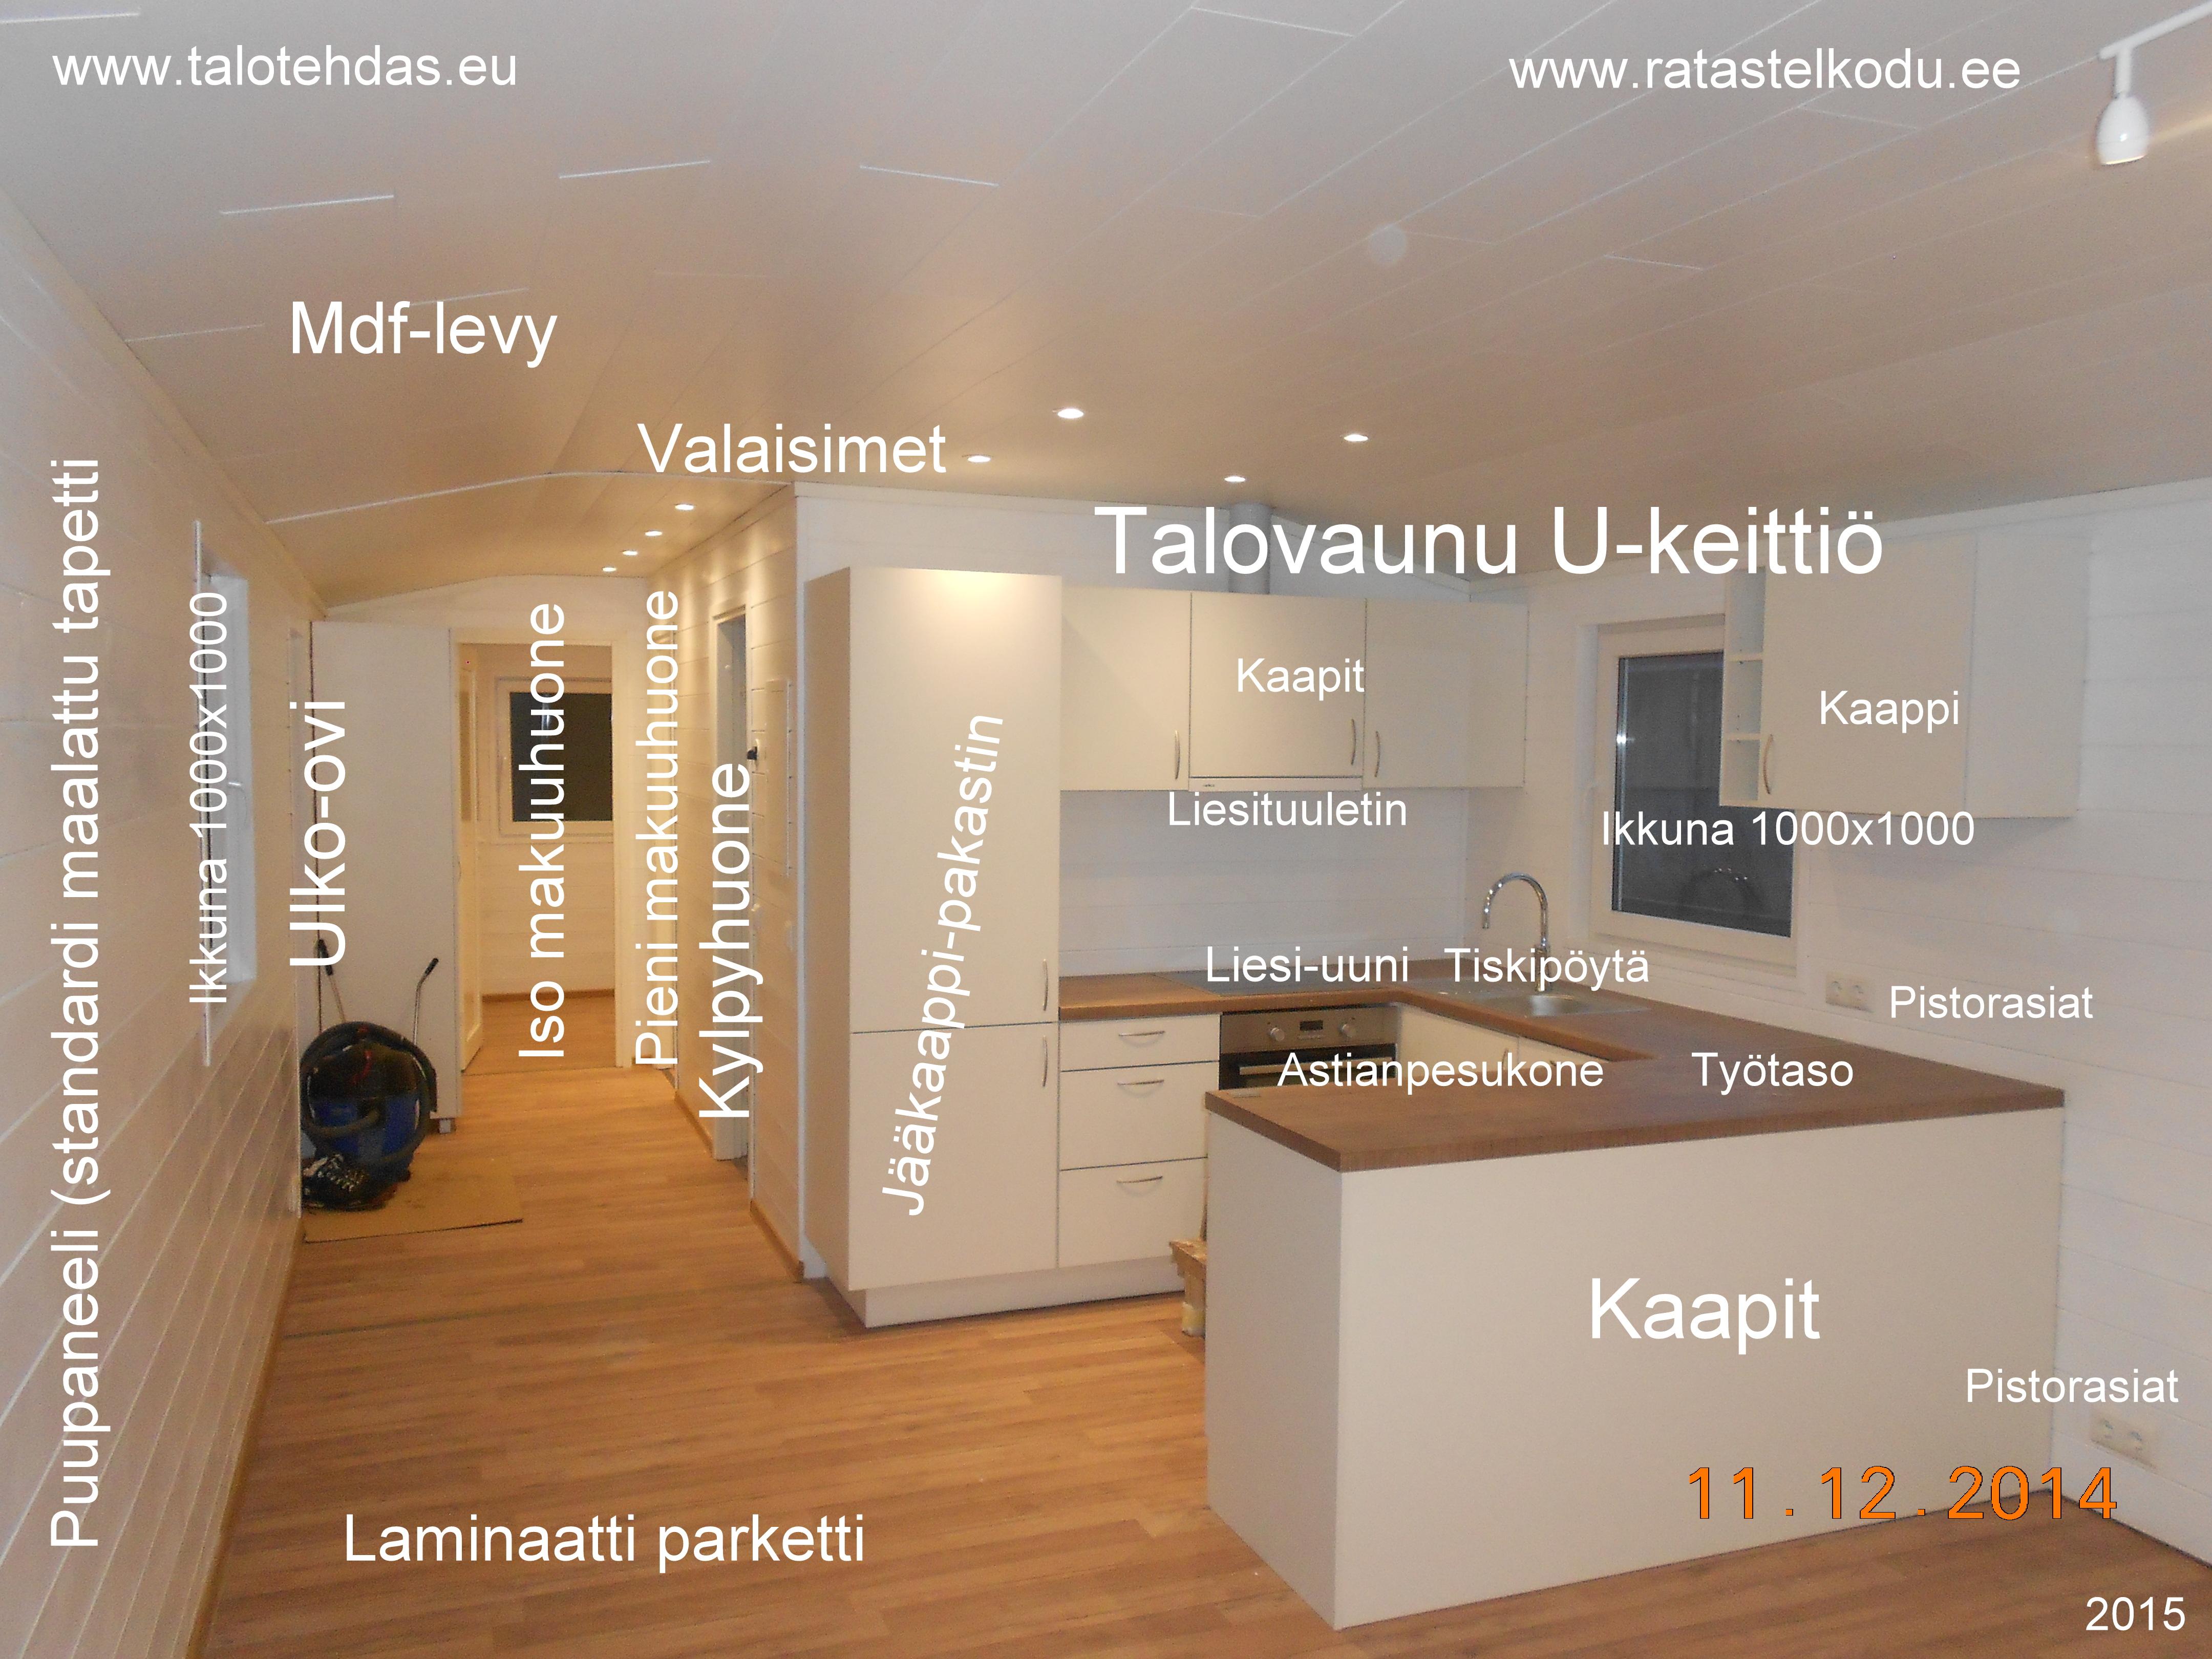 Talovaunu keittiö, u-keittiö, talotehdas, viro, talopaketti virosta, ratastelkodu, merbest, bildest